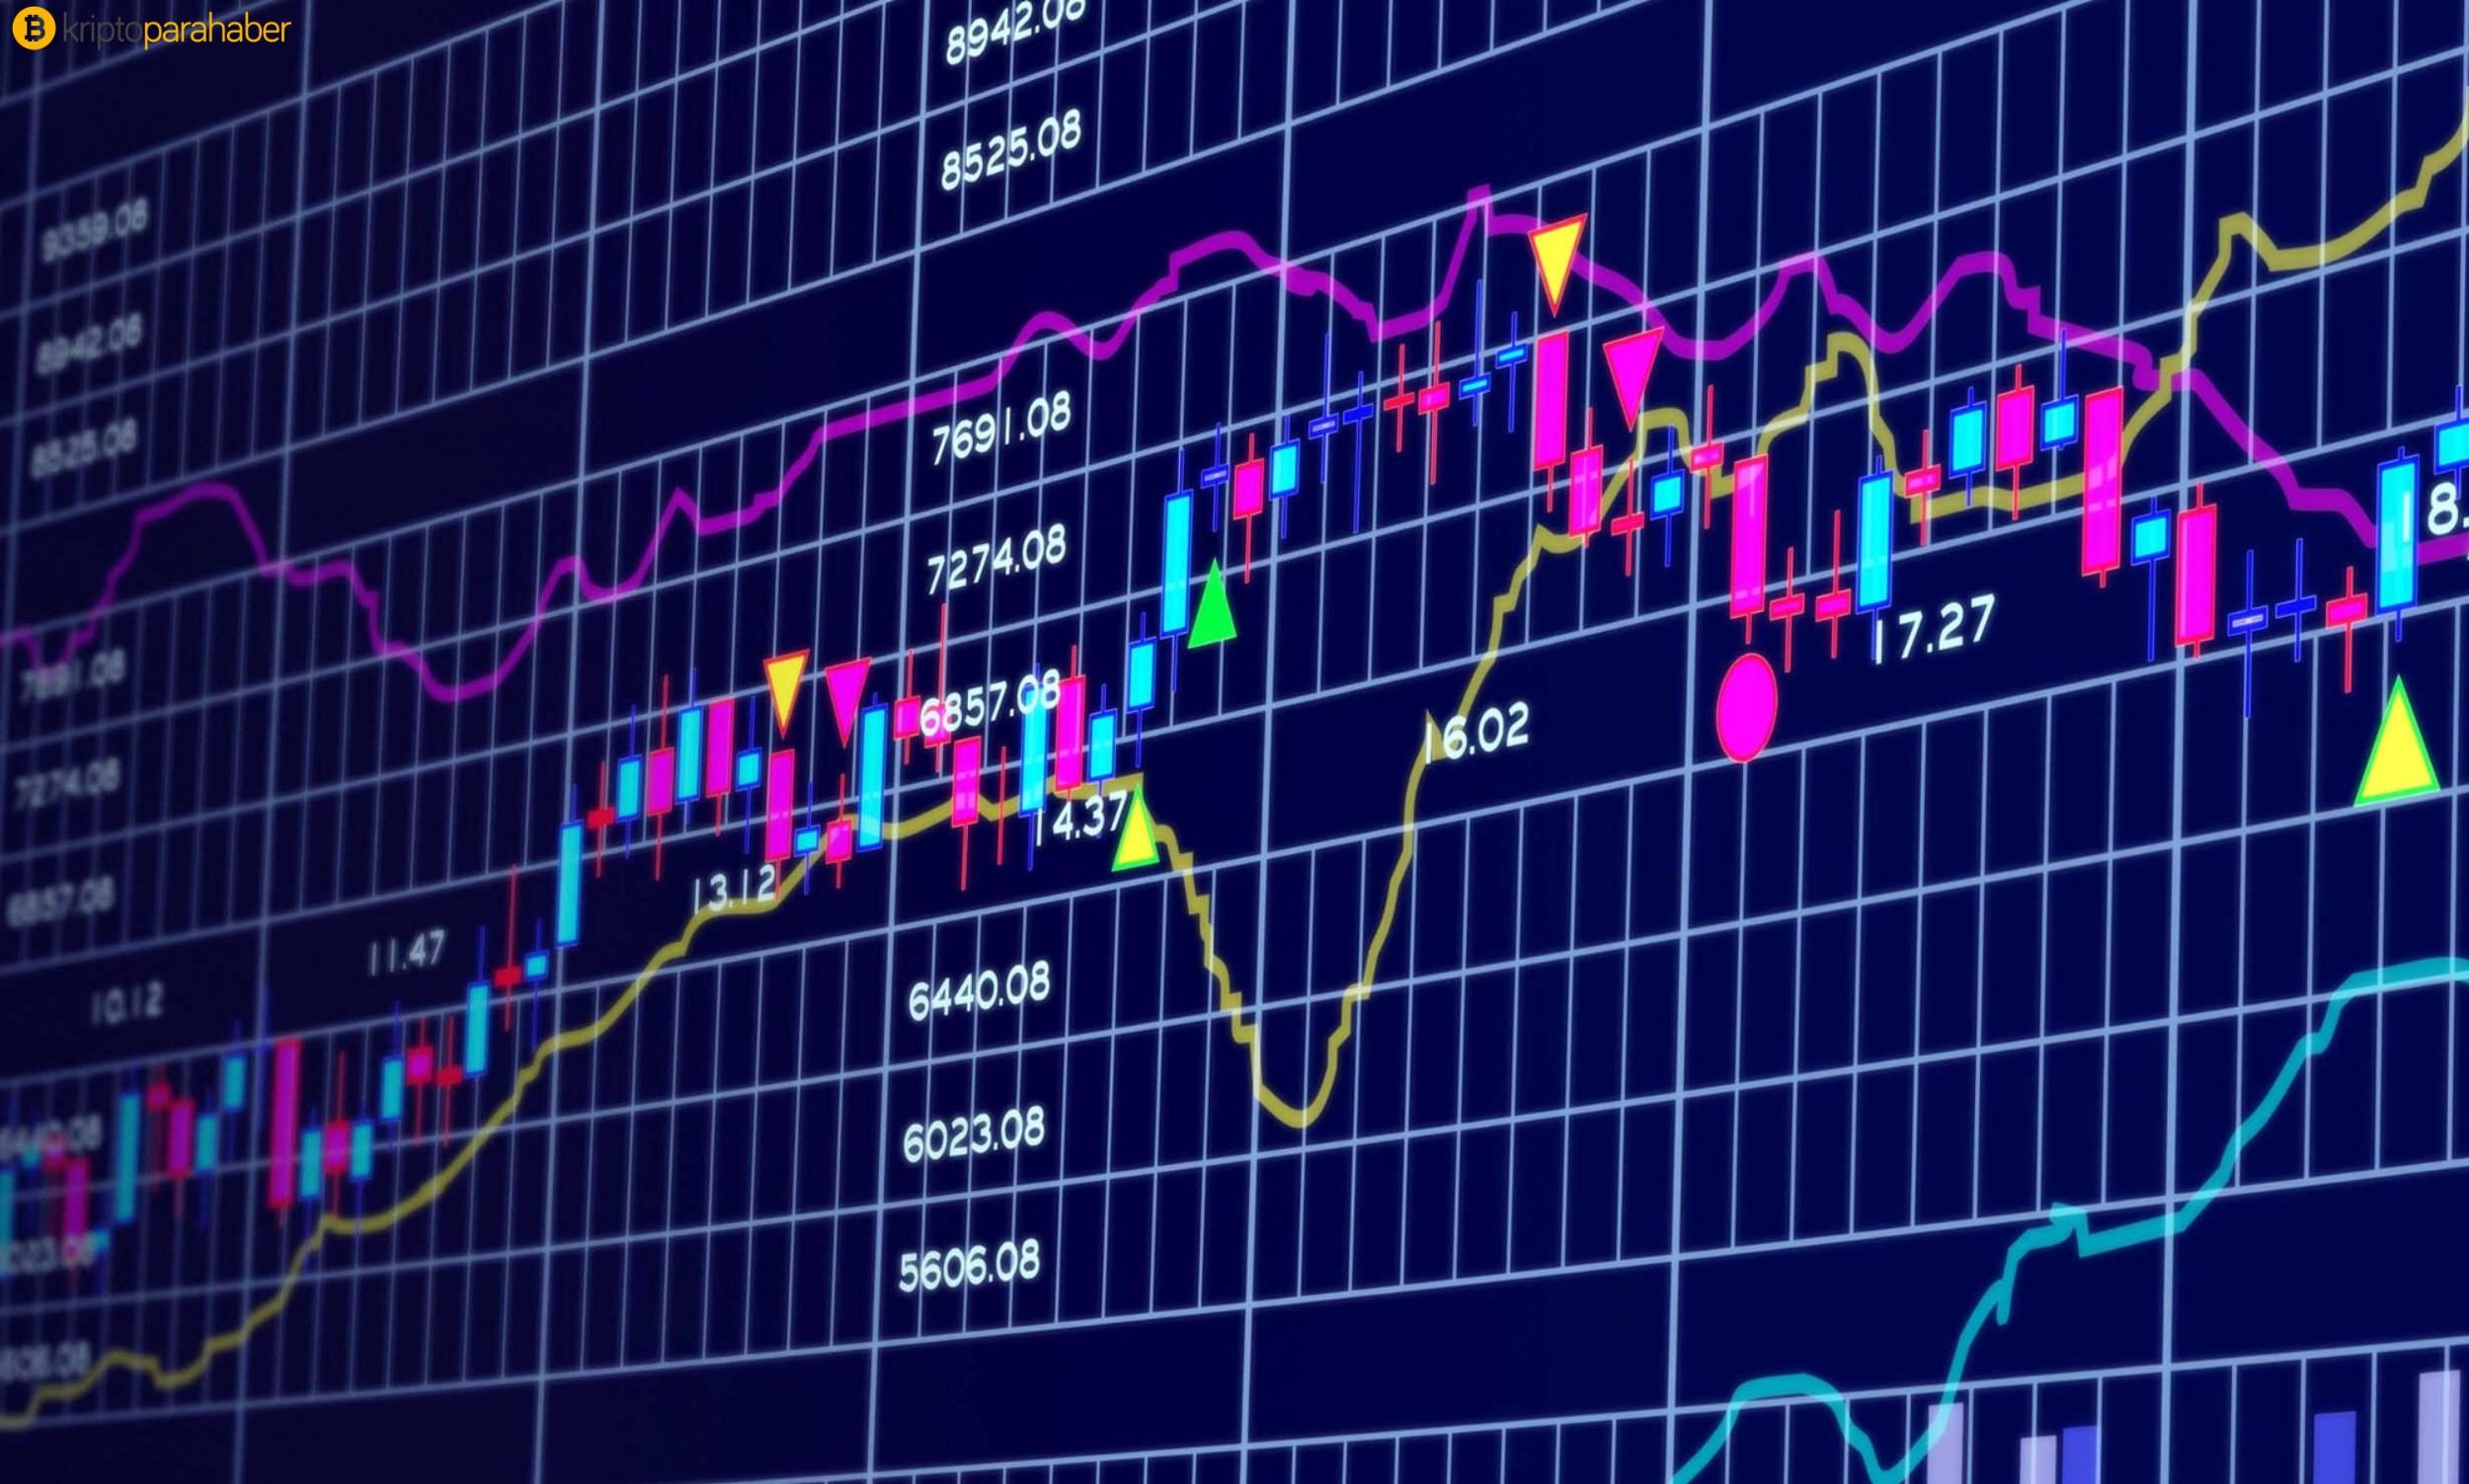 Polkadot ve Maker fiyat analizi: DOT ve MKR için beklenen yön ve sıradaki duraklar